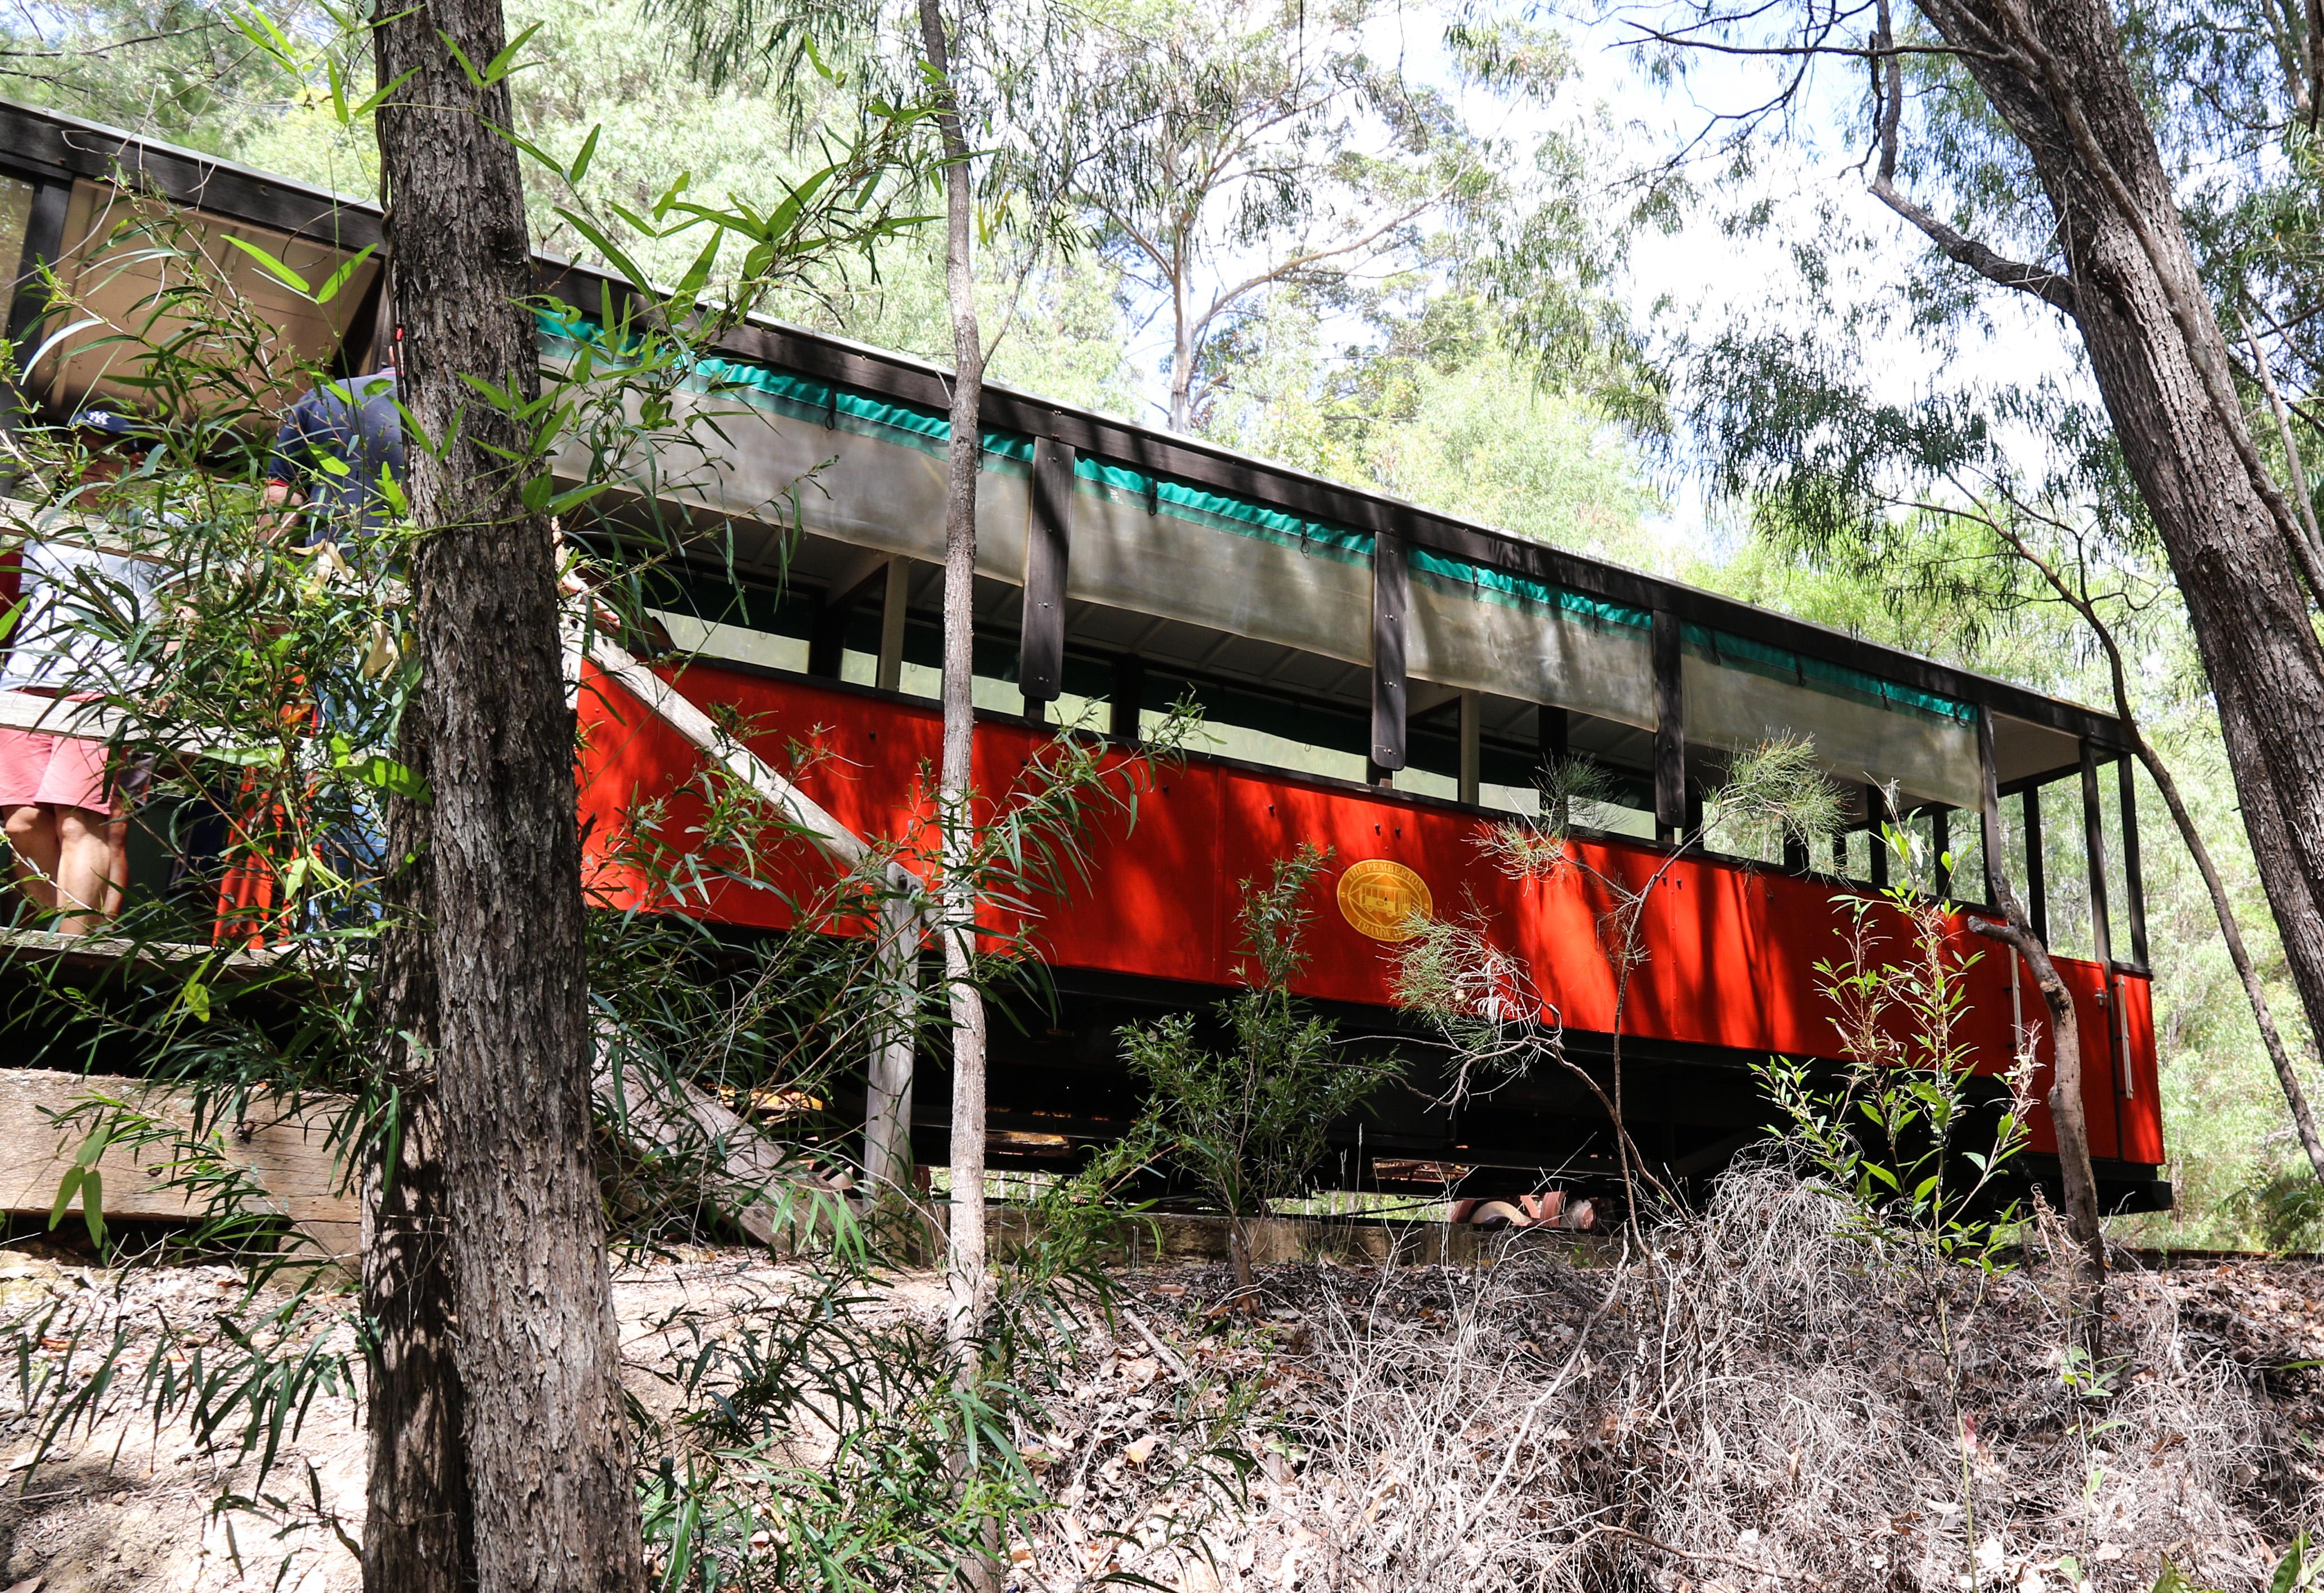 Tram - Cascades, Pemberton, WA